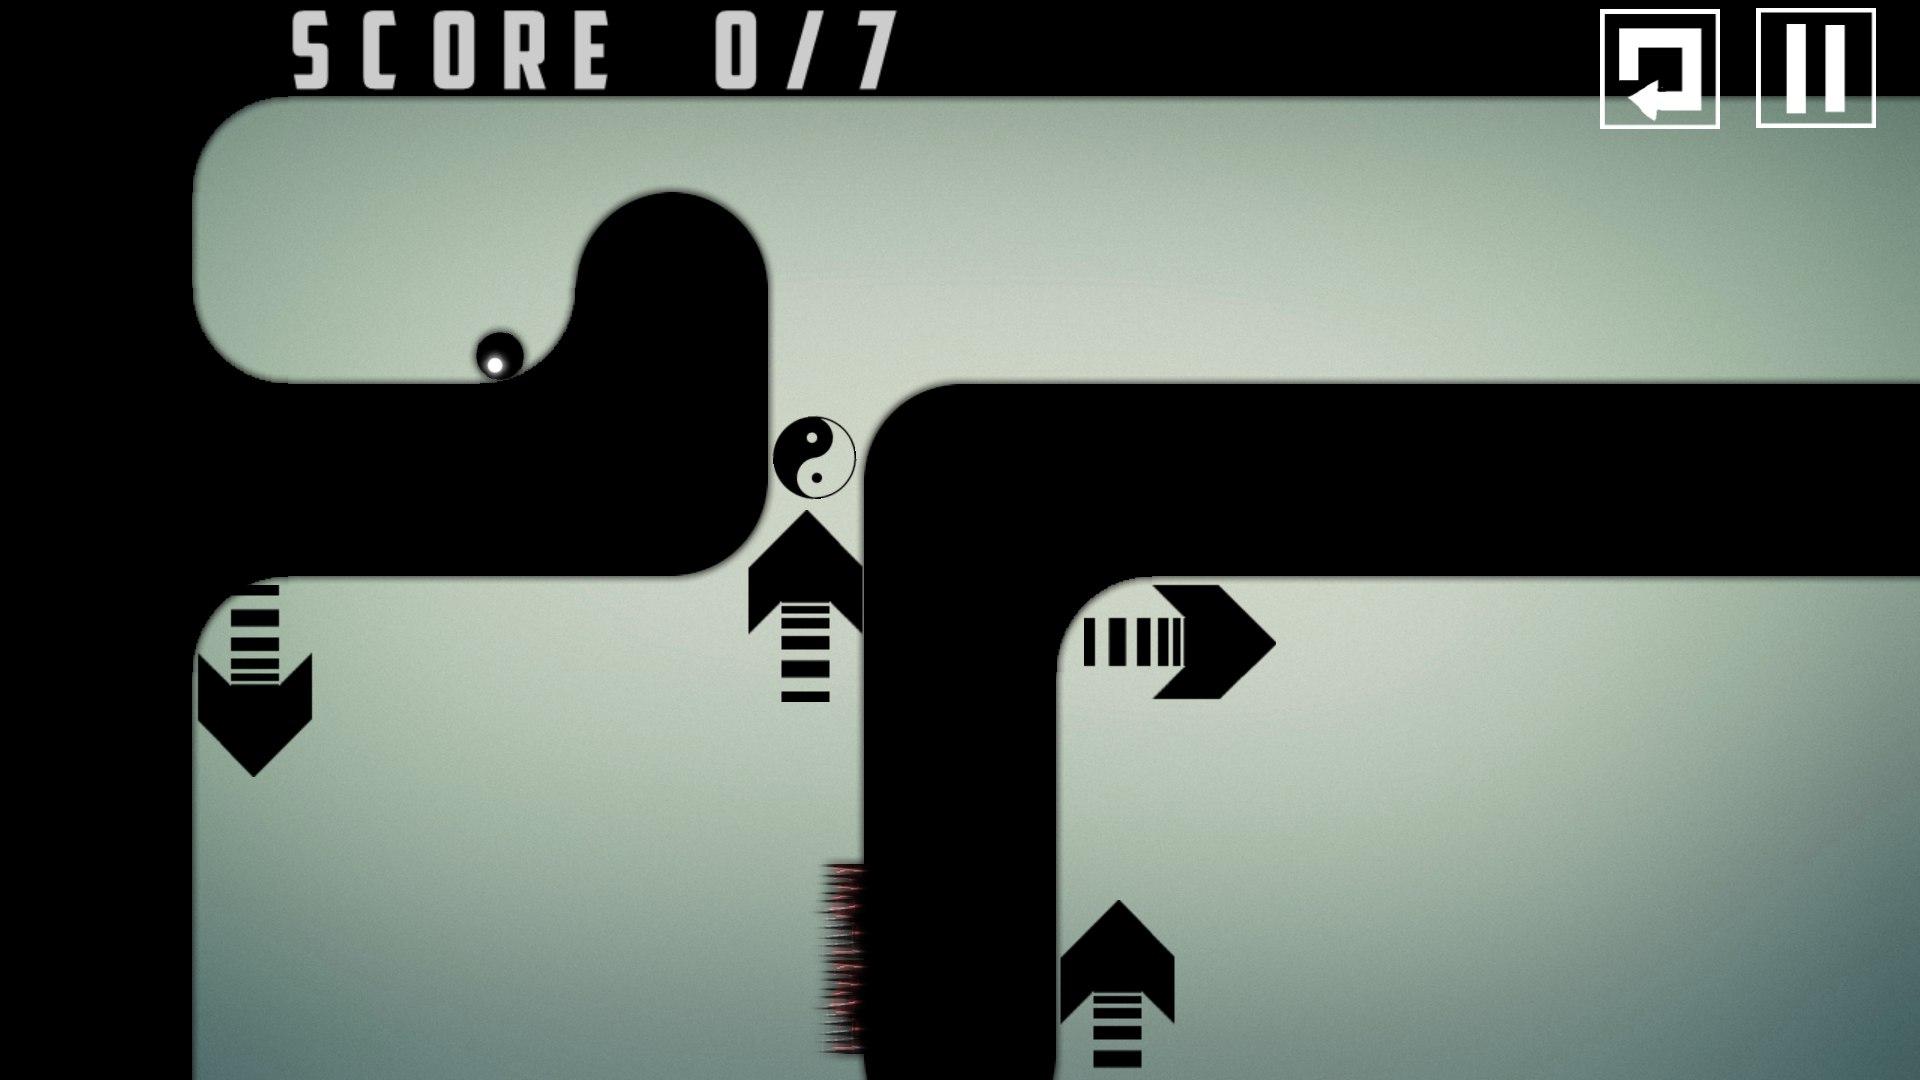 ISEE screenshot